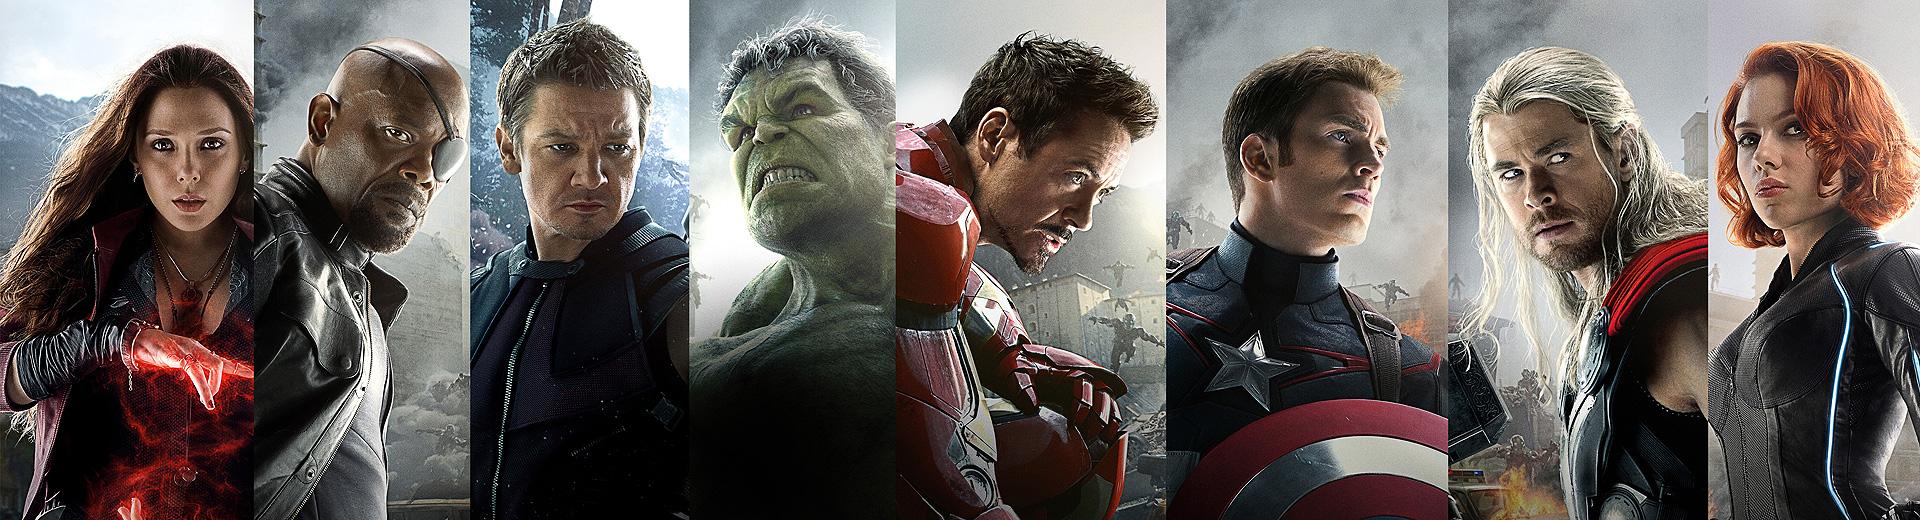 Avengers4-news-banner-1920x520.jpg